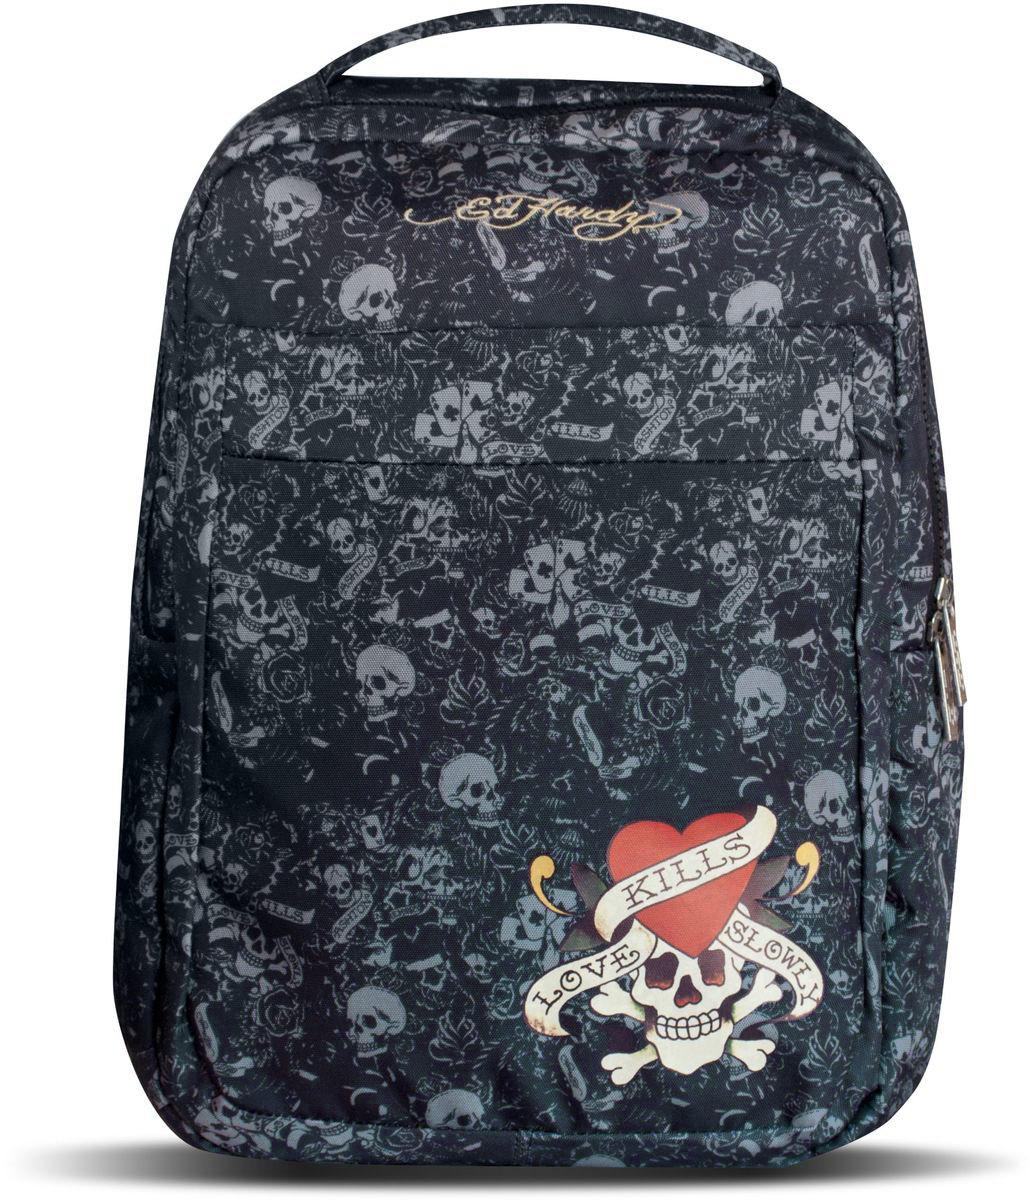 Ed Hardy Рюкзак детский цвет черный серый29190Детский рюкзак Ed Hardy - это красивый и удобный рюкзак, который подойдет всем, кто хочет разнообразить свои будни. Рюкзак выполнен из плотного материала и оформлен яркой аппликацией с черепом и сердцем. Рюкзак имеет одно основное вместительное отделения на молнии. Внутри отделения расположен мягкий карман на хлястике с липучкой, три открытых кармана и два фиксатора для канцелярских принадлежностей. На лицевой стороне расположен объемный накладной карман на молнии. Рюкзак также оснащен удобной и прочной ручкой для переноски. Широкие лямки можно регулировать по длине. Рюкзак снабжен светоотражающими вставками. Многофункциональный детский рюкзак станет незаменимым спутником вашего ребенка.